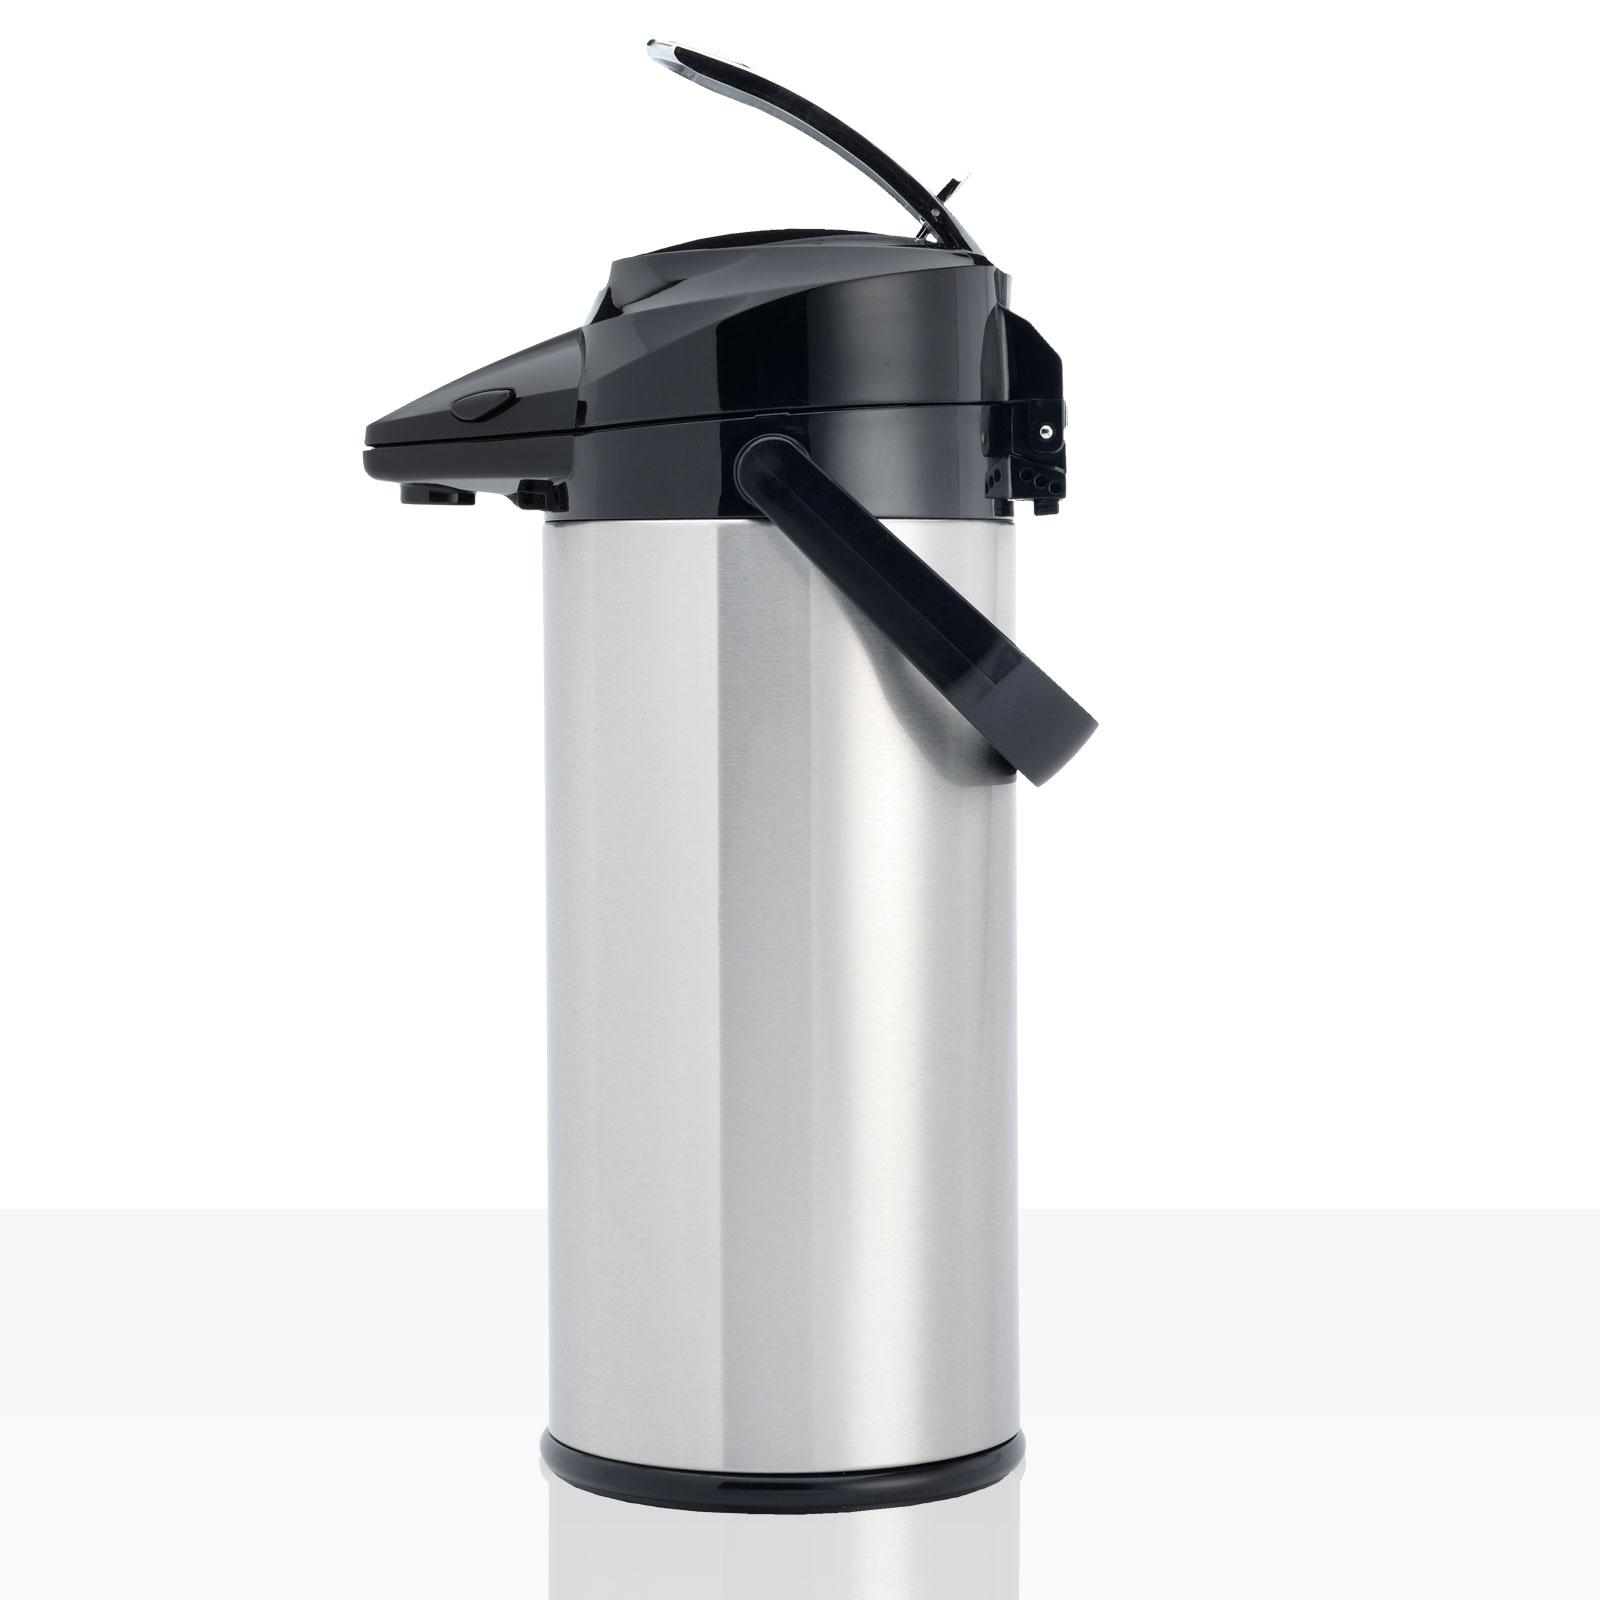 Animo Pumpkanne 2,1l, Kanne für Kaffeemaschine - Edelstahleinsatz